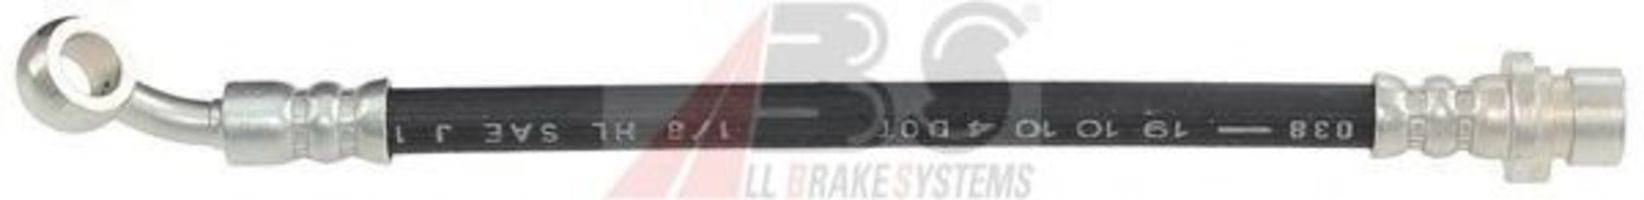 Шланг тормозной A.B.S. SL 6195